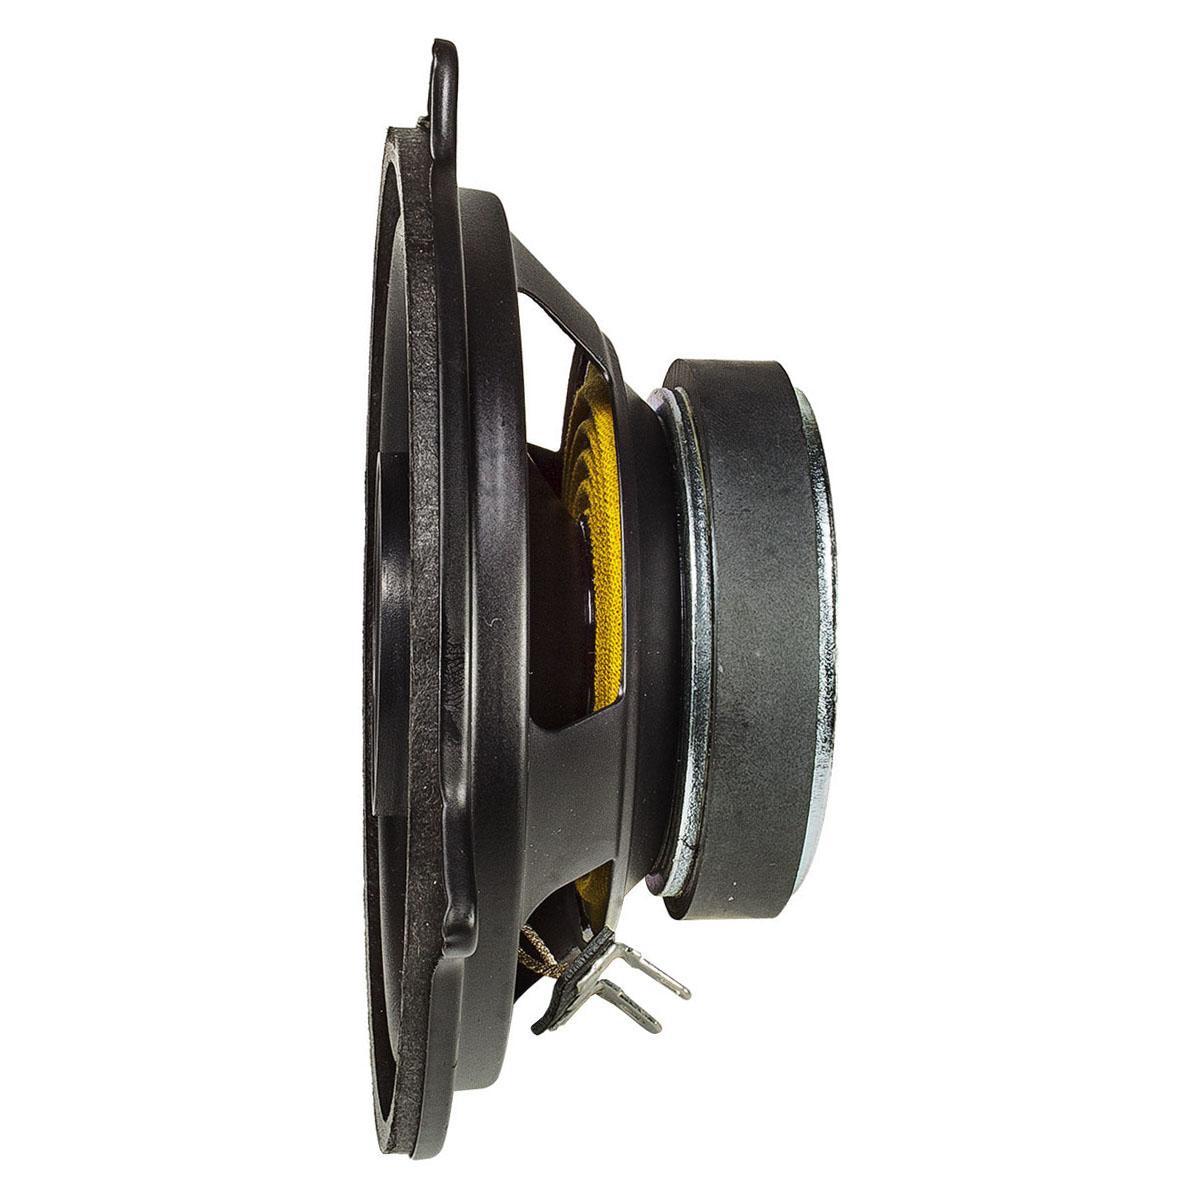 tomzz Audio 4045-004 Lautsprecher Einbau-Set passend f/ür Renault Kangoo Mercedes Citan T/ür vorne 165mm Koaxial System TA16.5-Pro